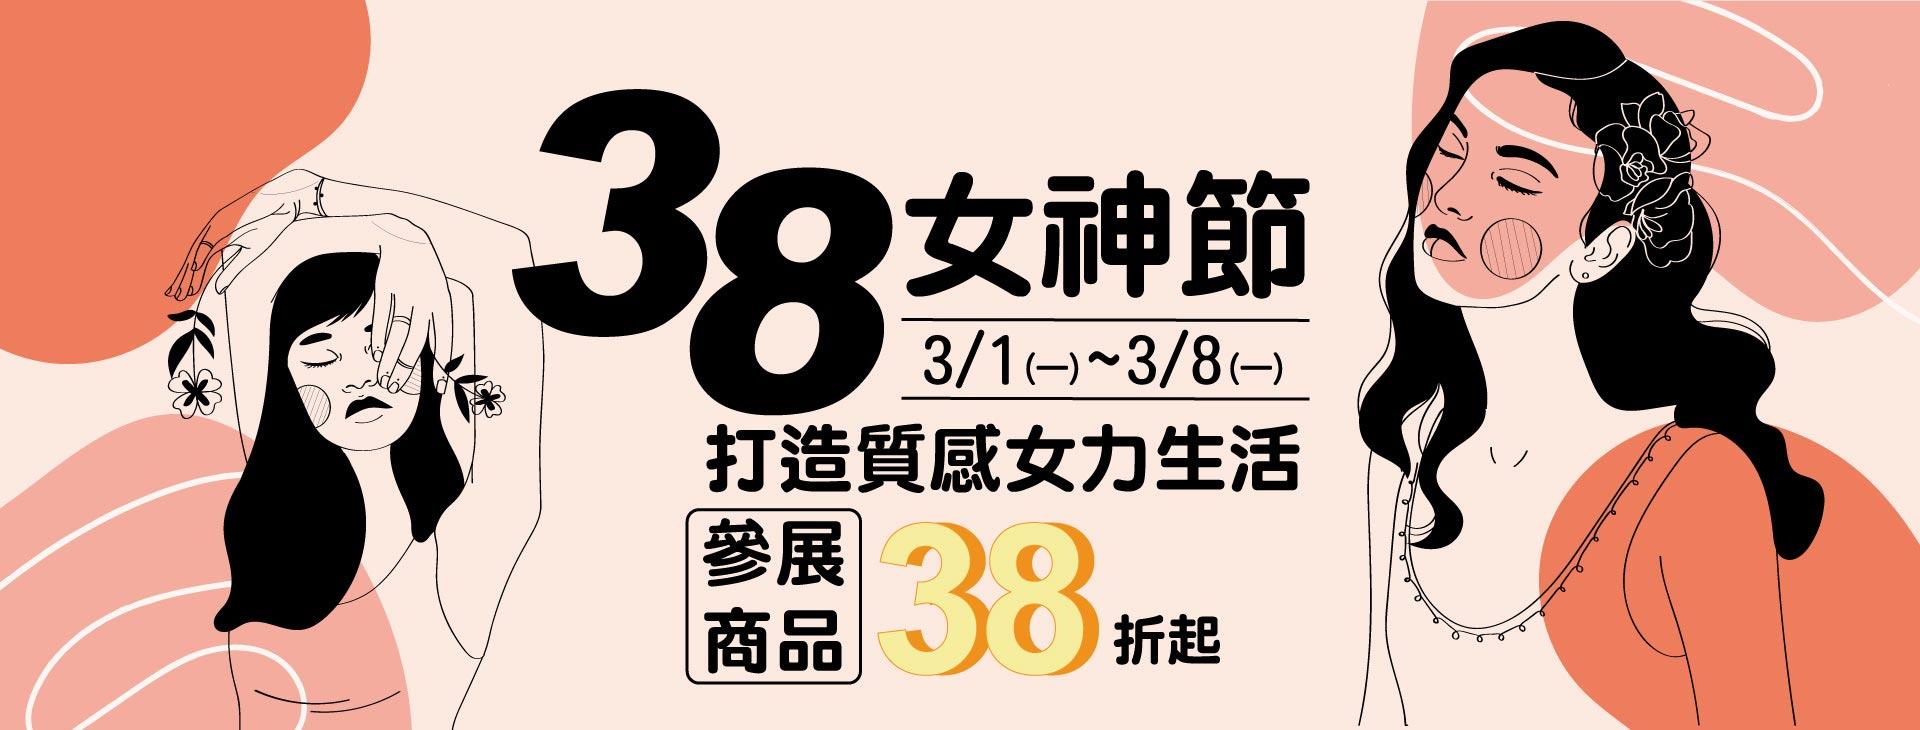 38女神節